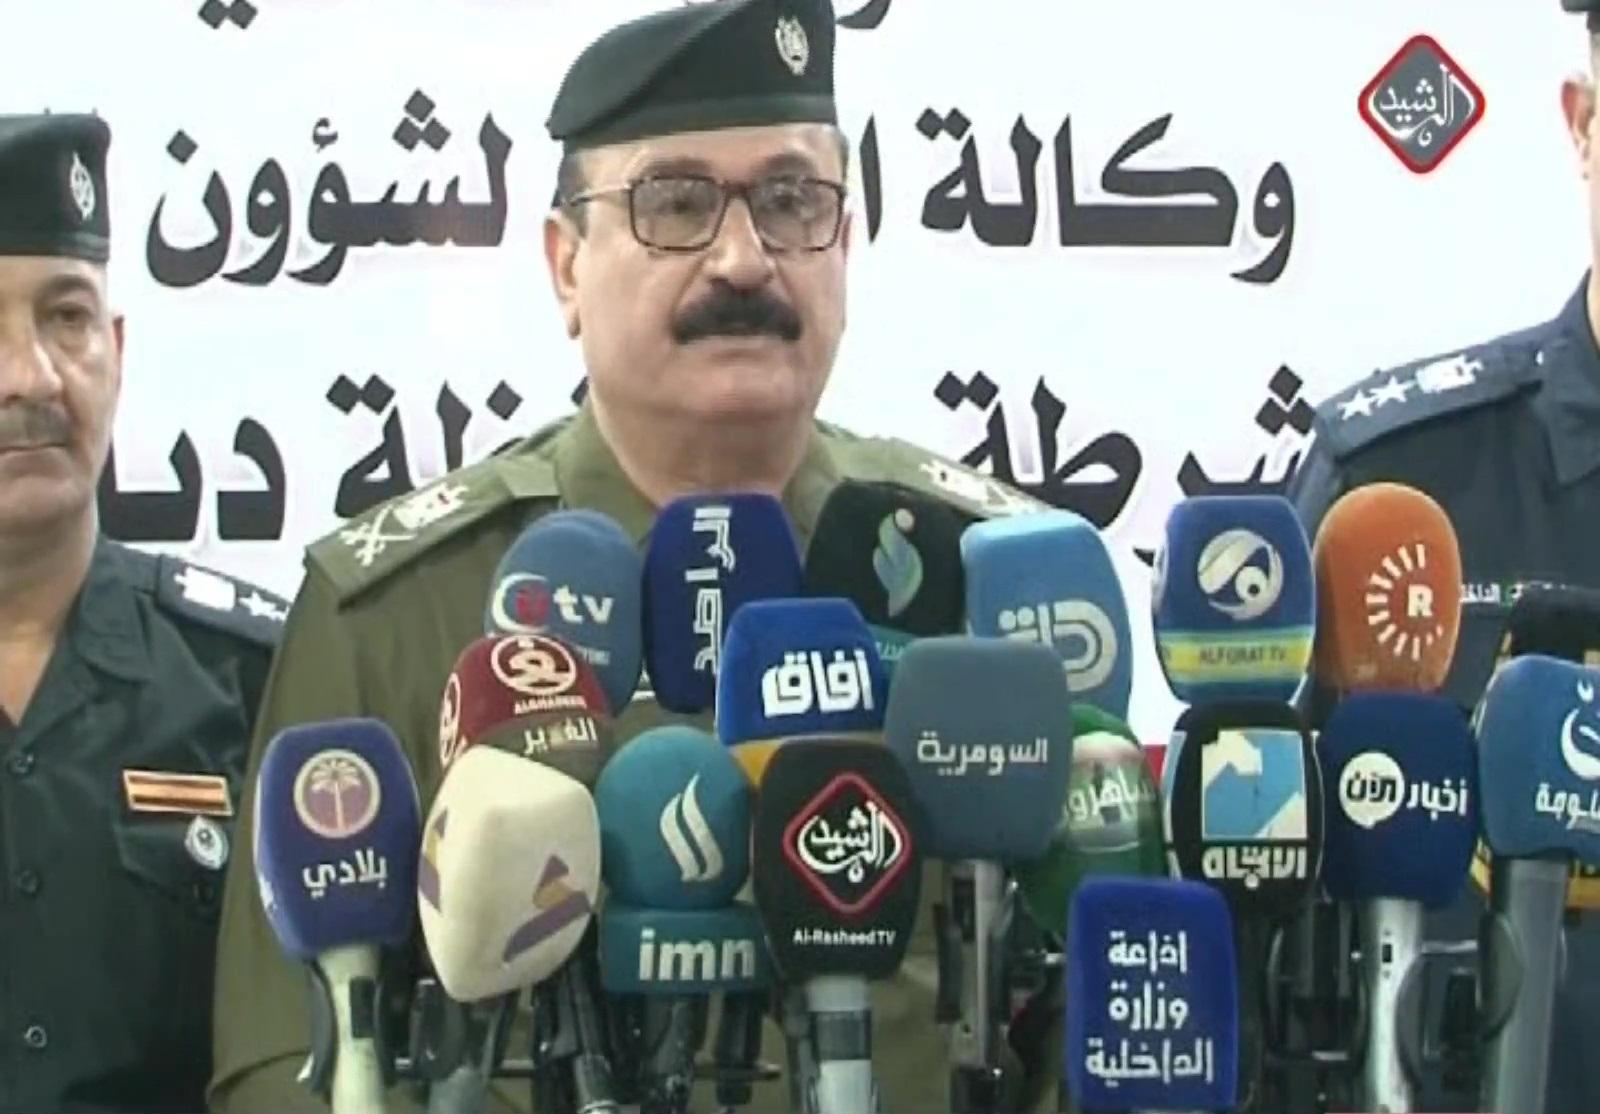 اللواء فيصل العبادي / قائد شرطة ديالى